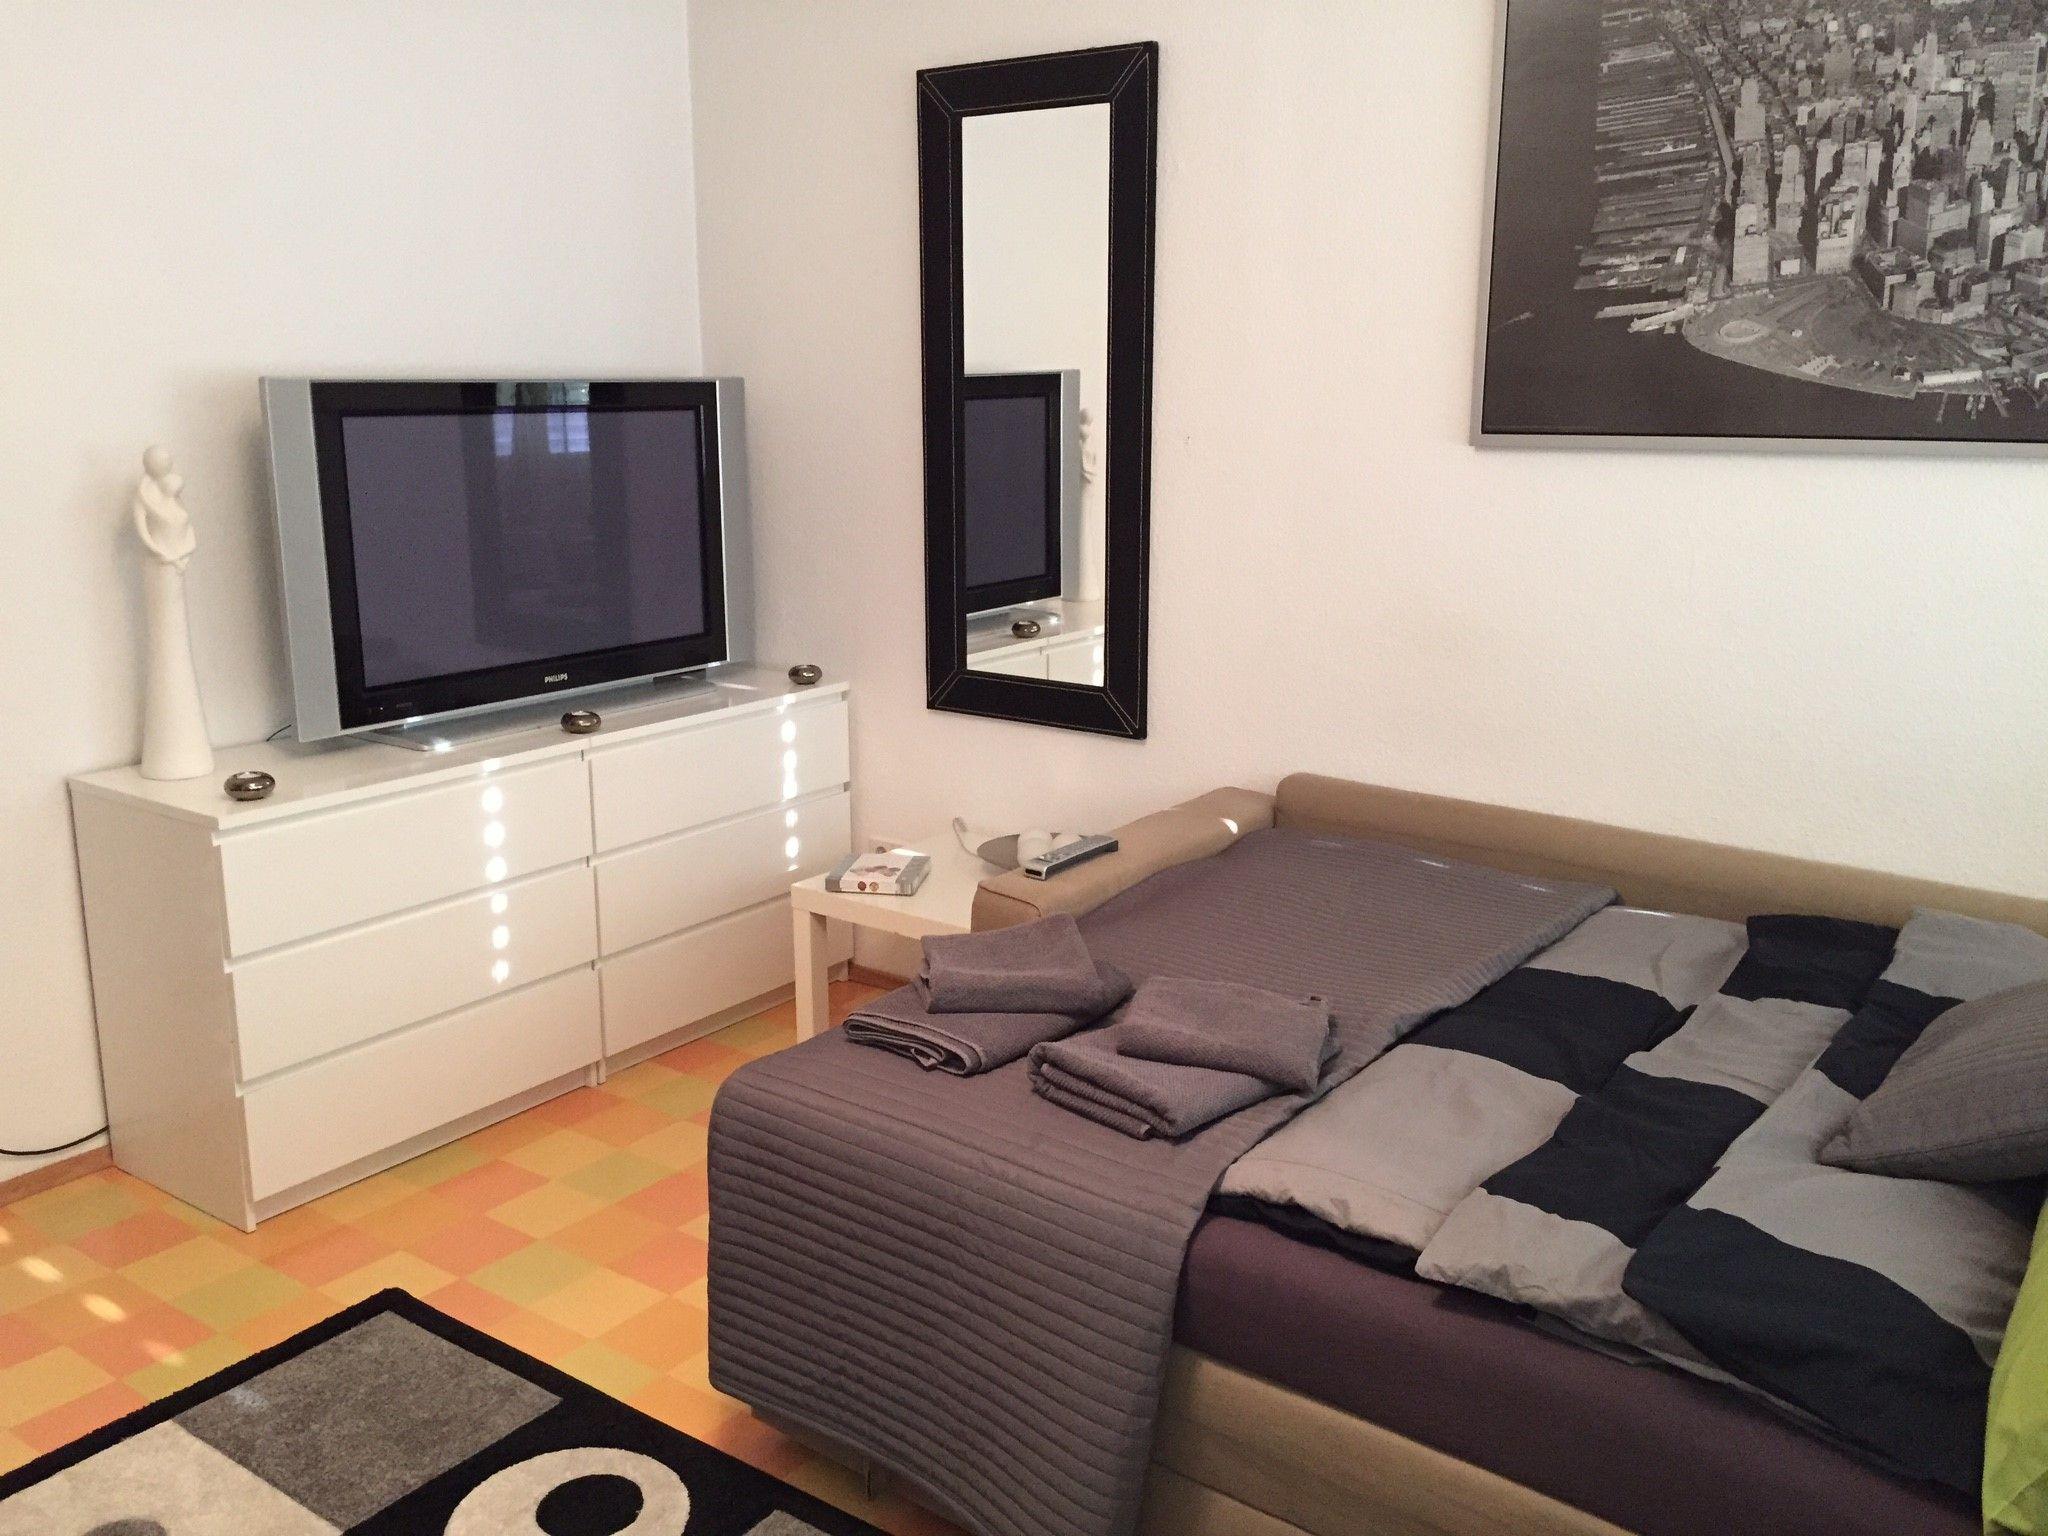 Luminoso alojamiento para 2 huéspedes en Colonia